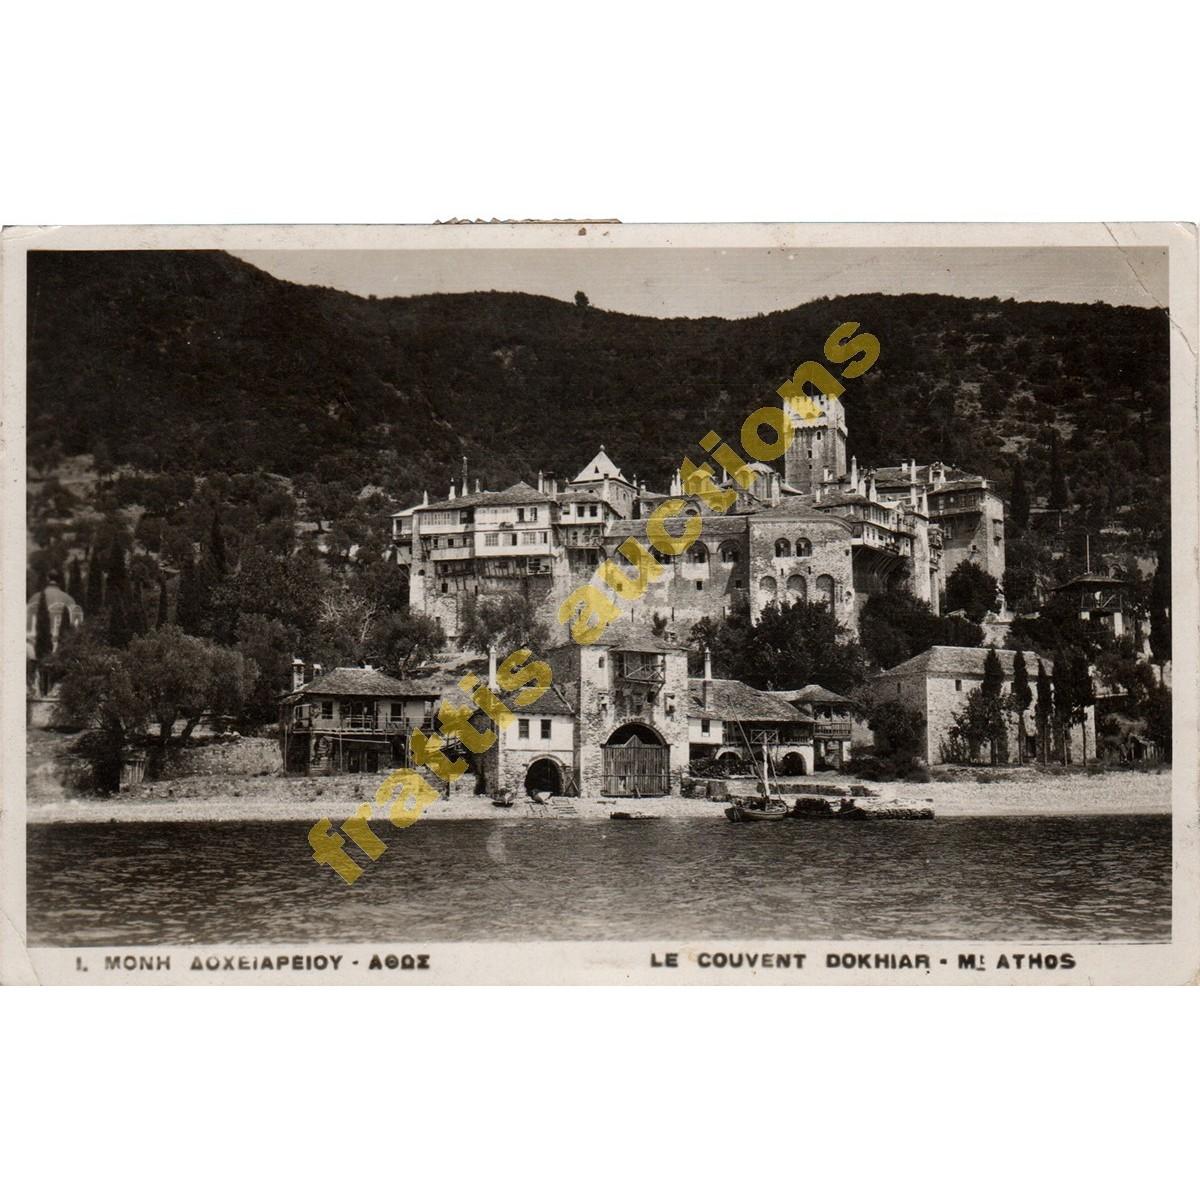 Ι.Μ. ΔΟΧΕΙΑΡΙΟΥ, Editions Photo Lykides, ταχυδρομημένη 1934.